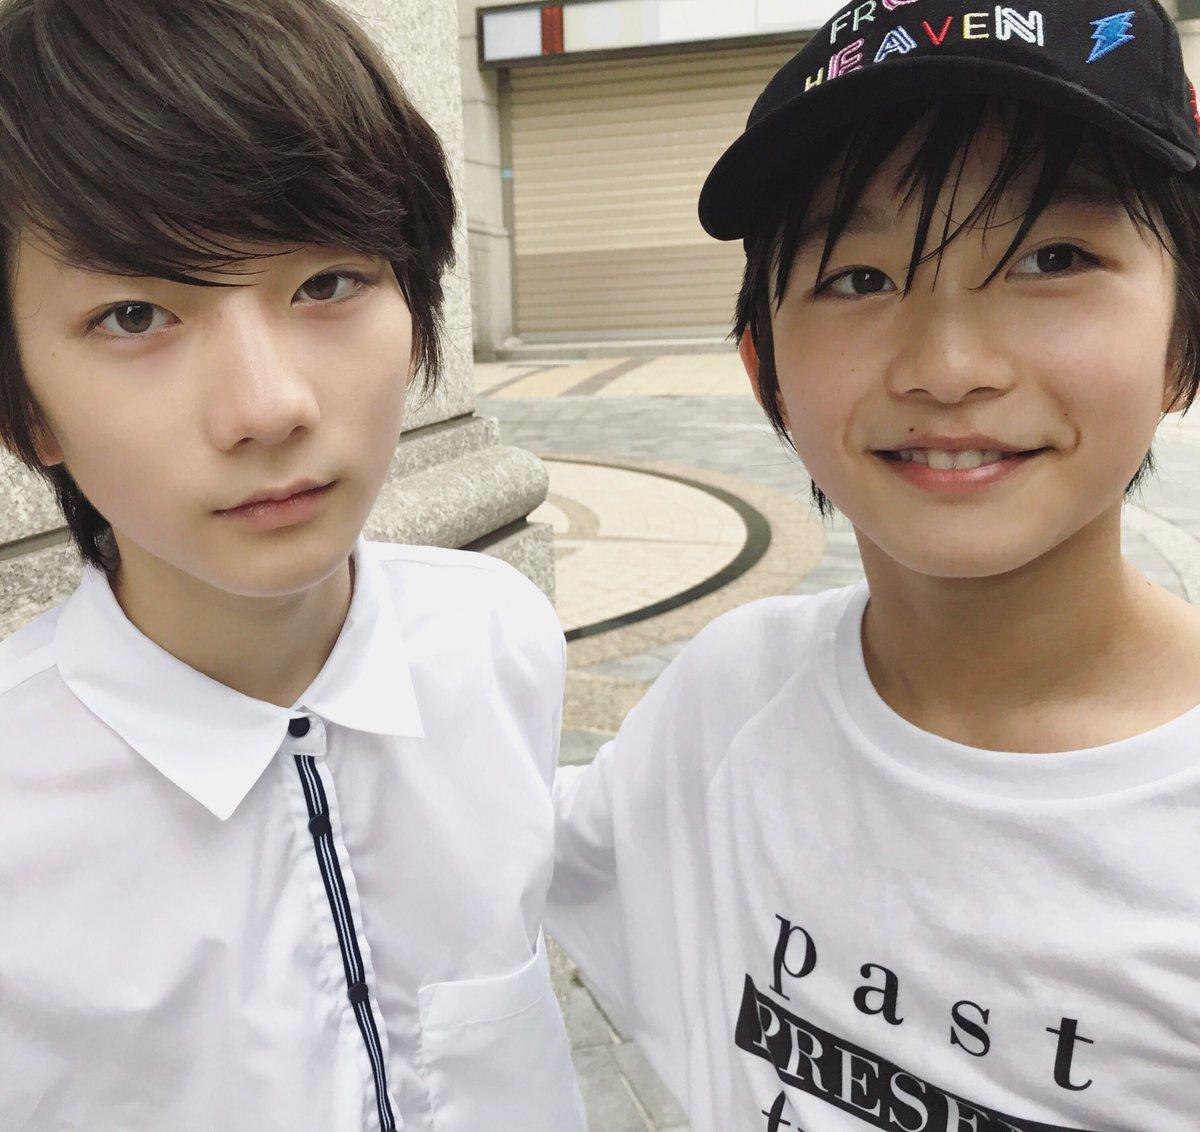 Cặp con lai người Nhật mới ít tuổi đã đẹp từ anh đến em, muốn không hot cũng khó-1